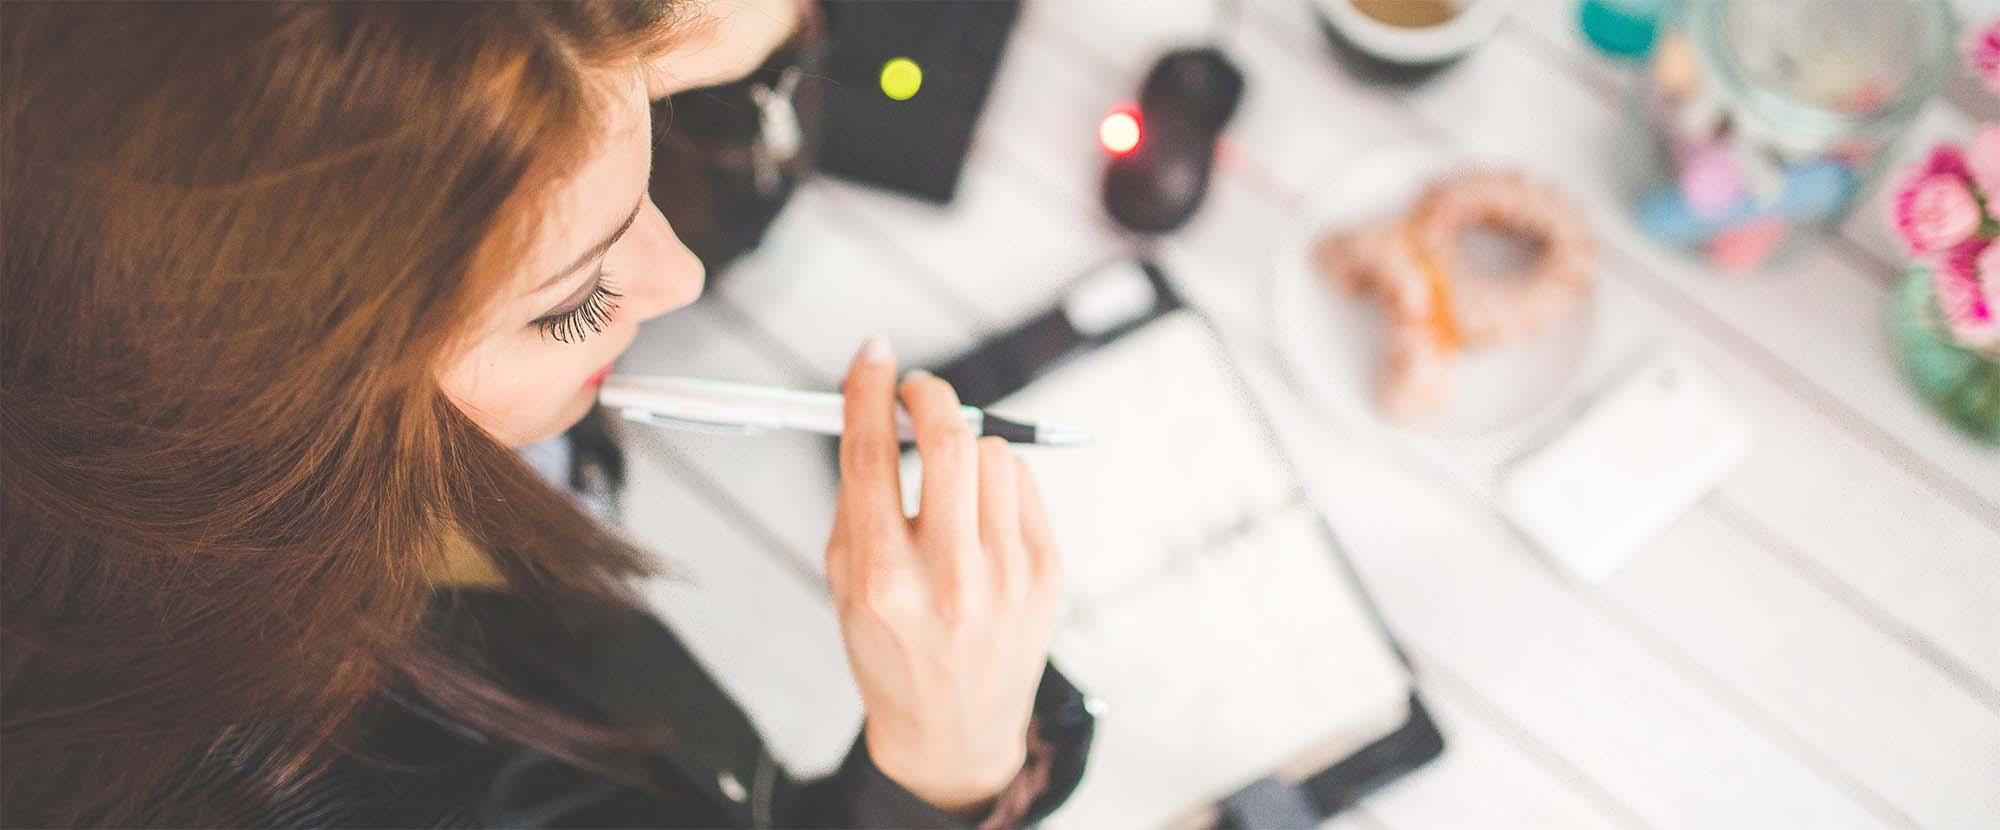 Consejos para configurar un IVR y grabar mensaje de bienvenida